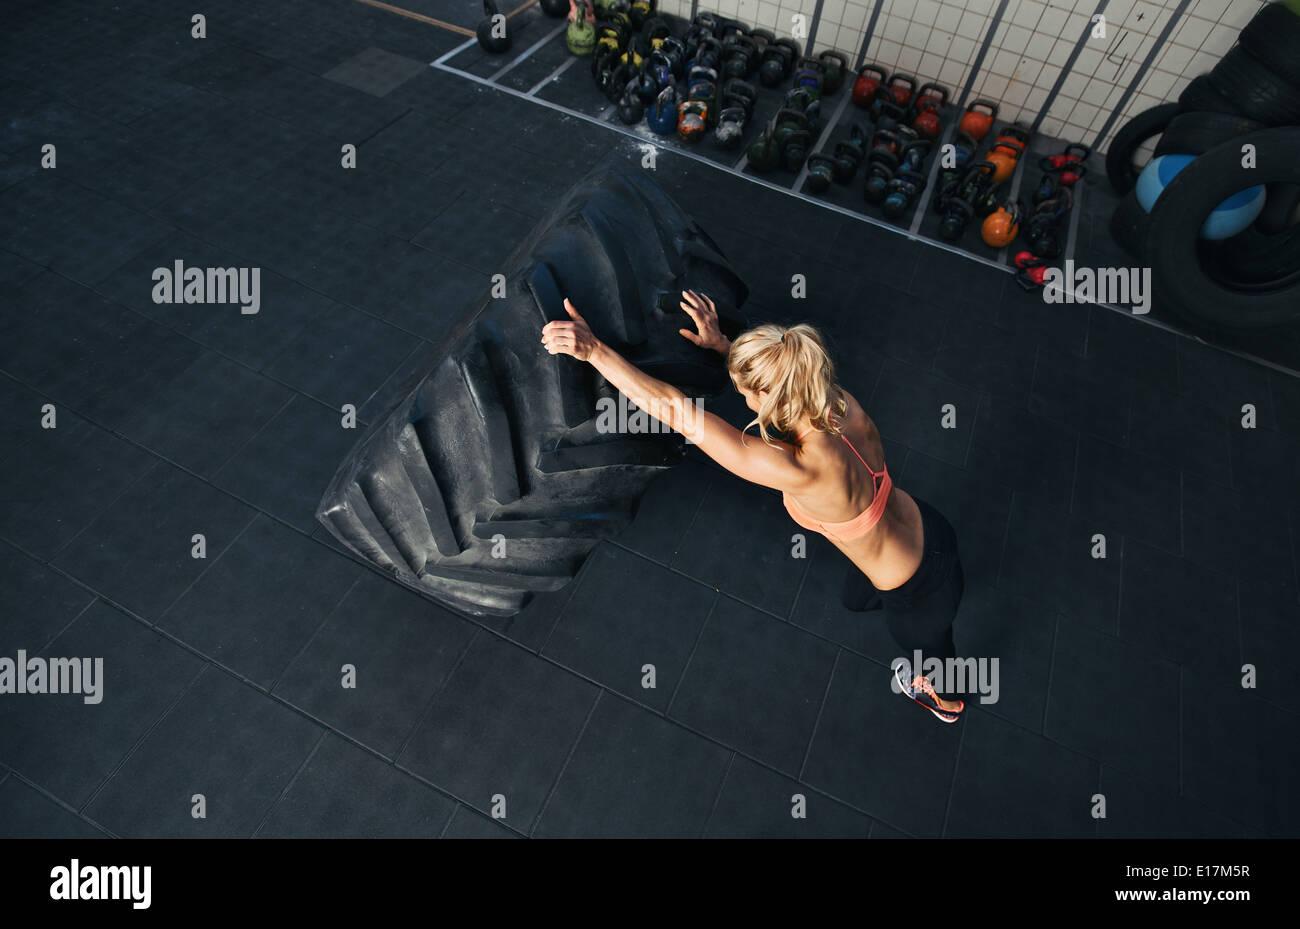 Crossfit mujer ejercicio en el gimnasio. Hembra muscular flipping enorme neumático Imagen De Stock